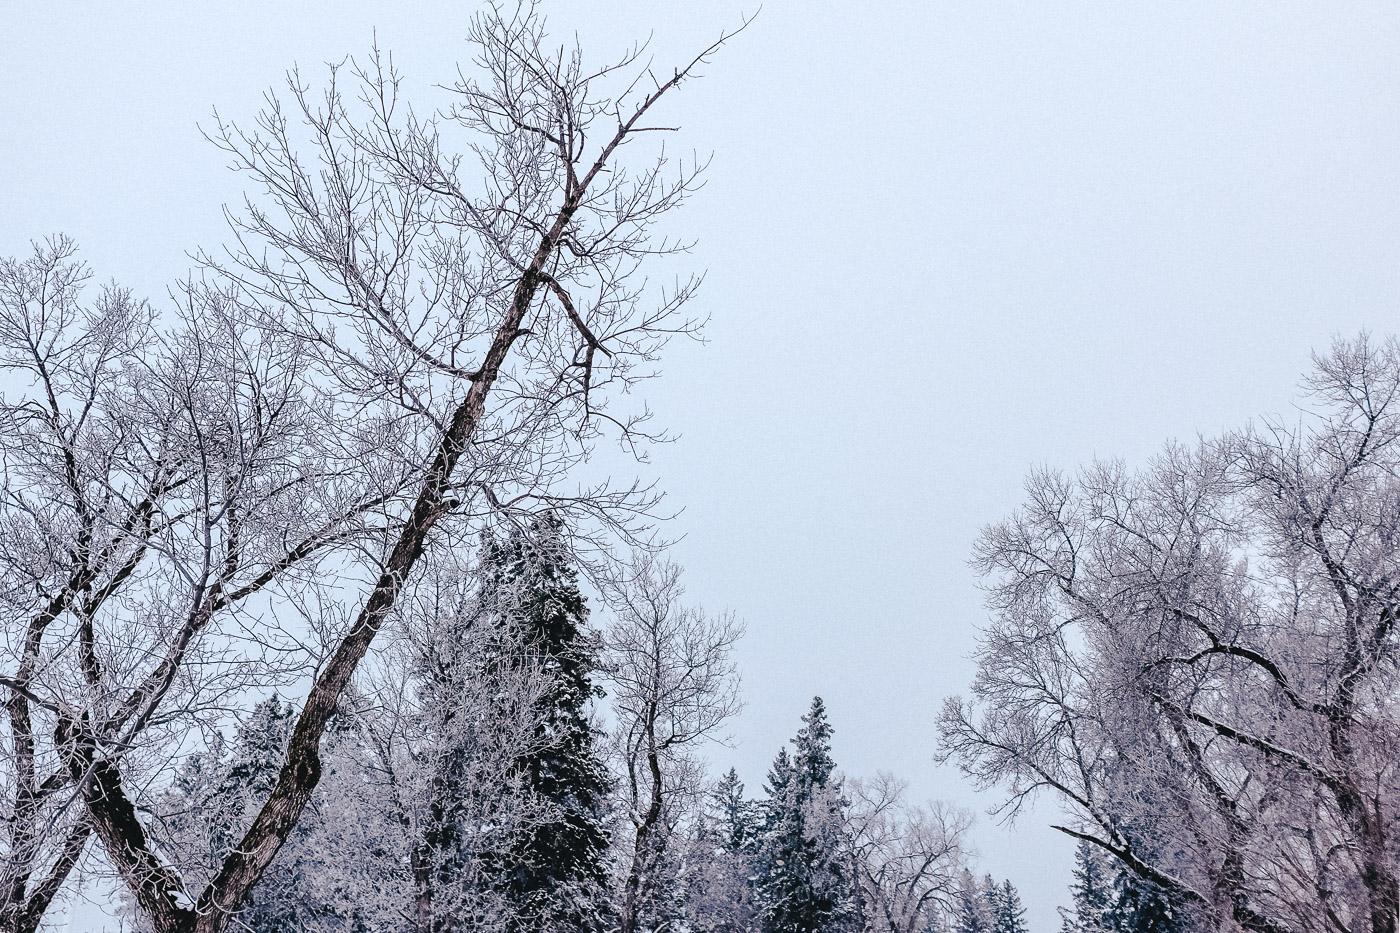 hb images - fog morning - 9